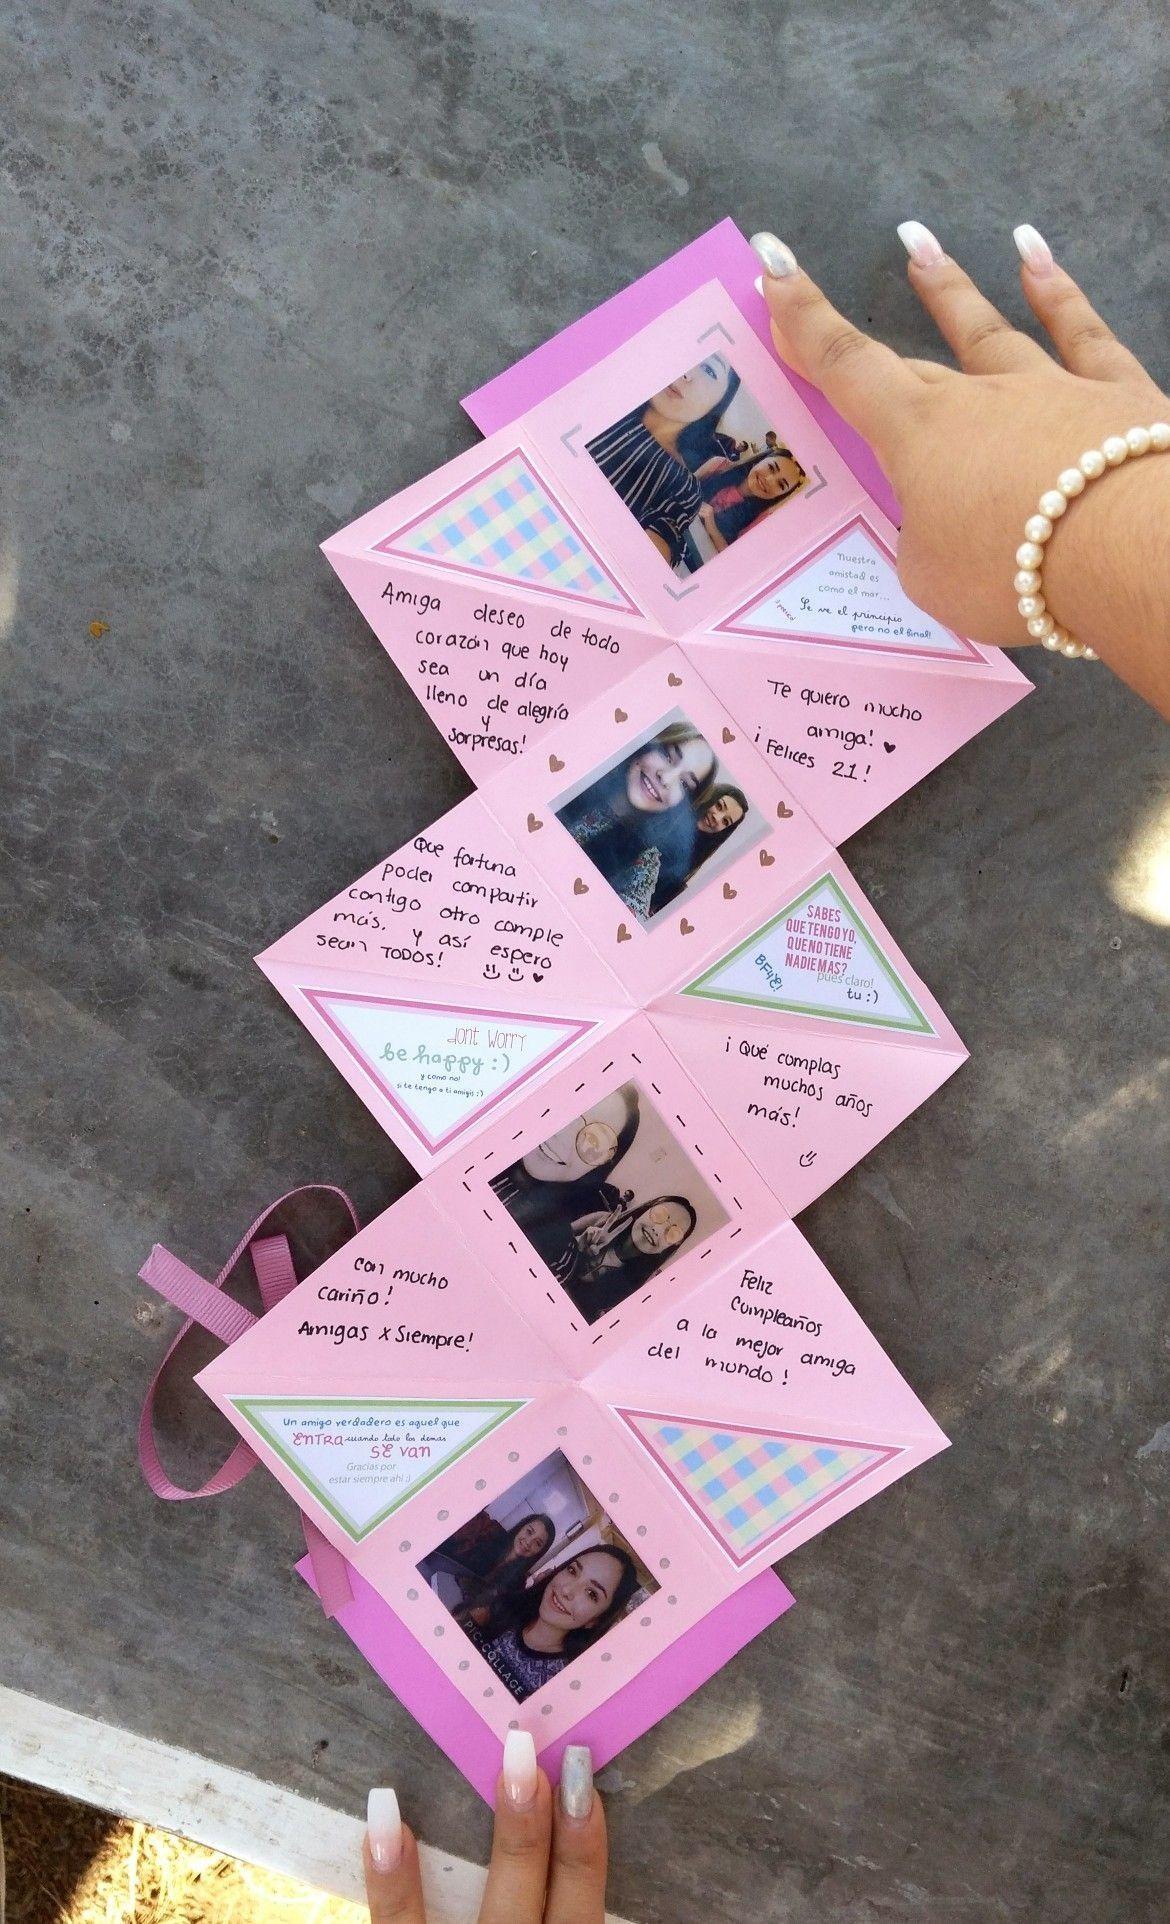 Pin De Leticia Reyes En Gifts Regalo Para Novia Manualidades Regalos Para Mejores Amigos Regalos Creativos Para Novio